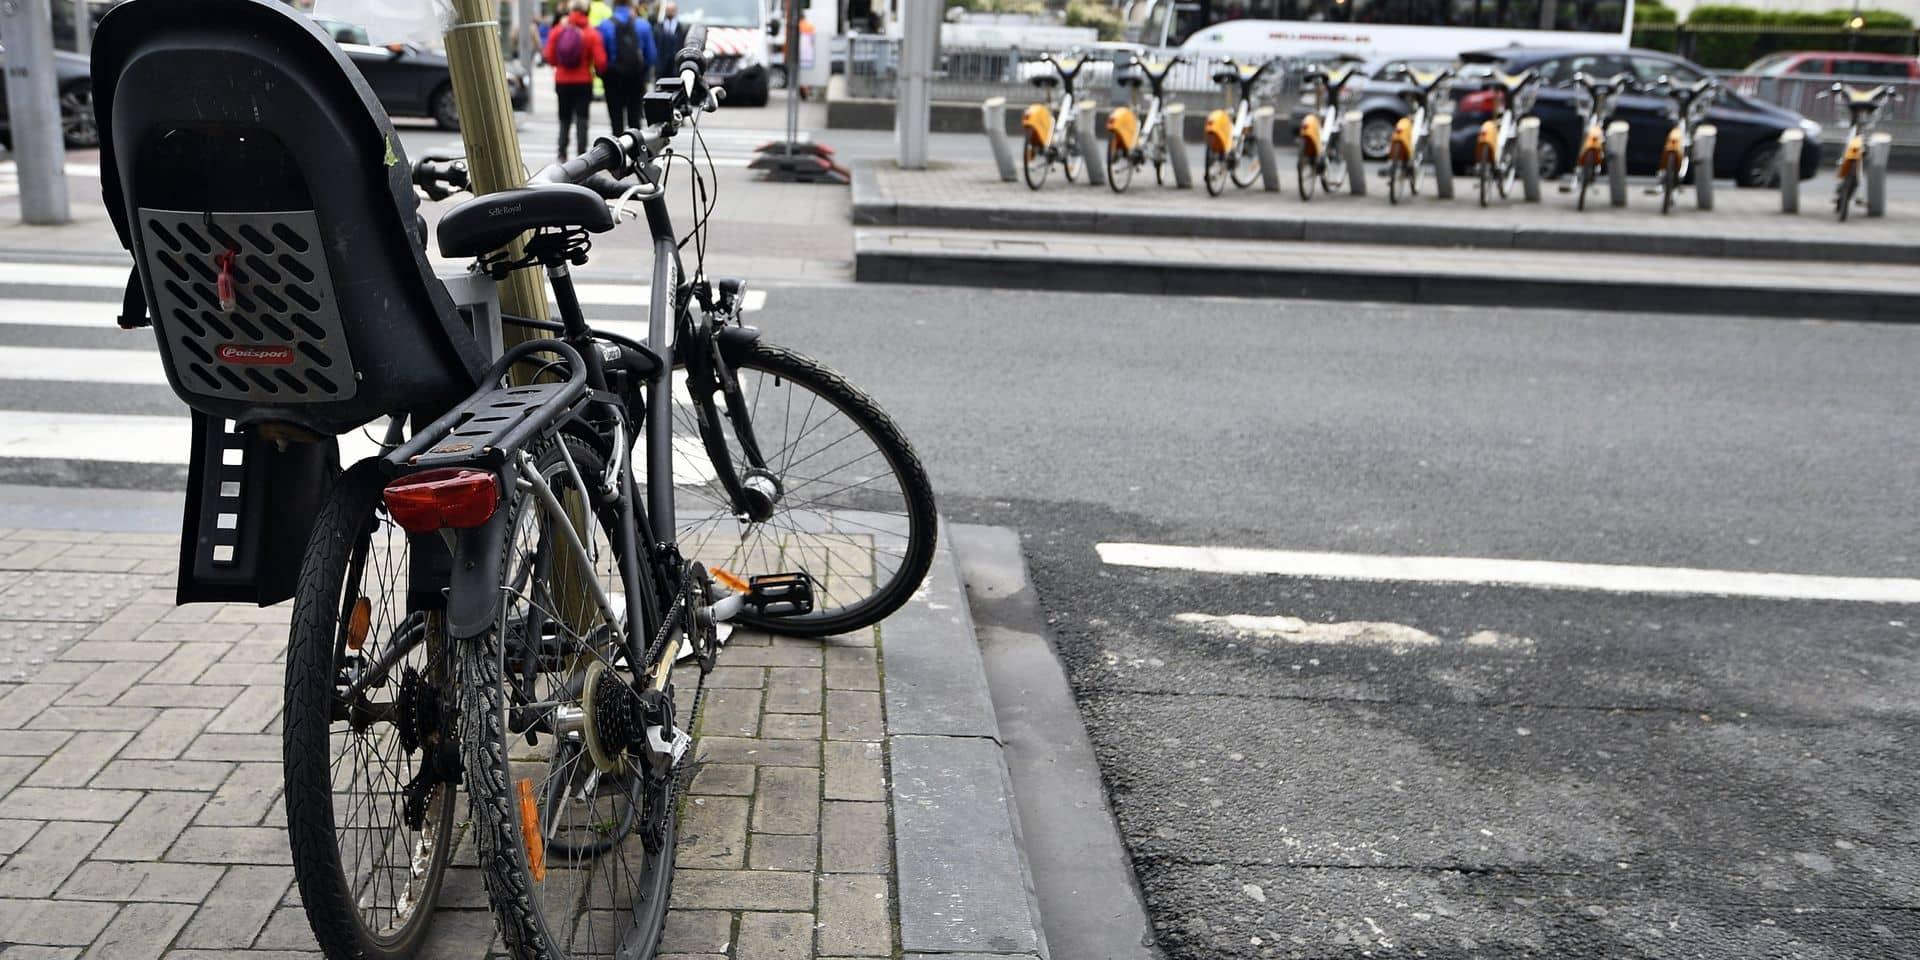 Semaine de la mobilité, 2 Belges sur 3 estiment qu'il n'y a pas assez d'emplacements dédiés aux vélos